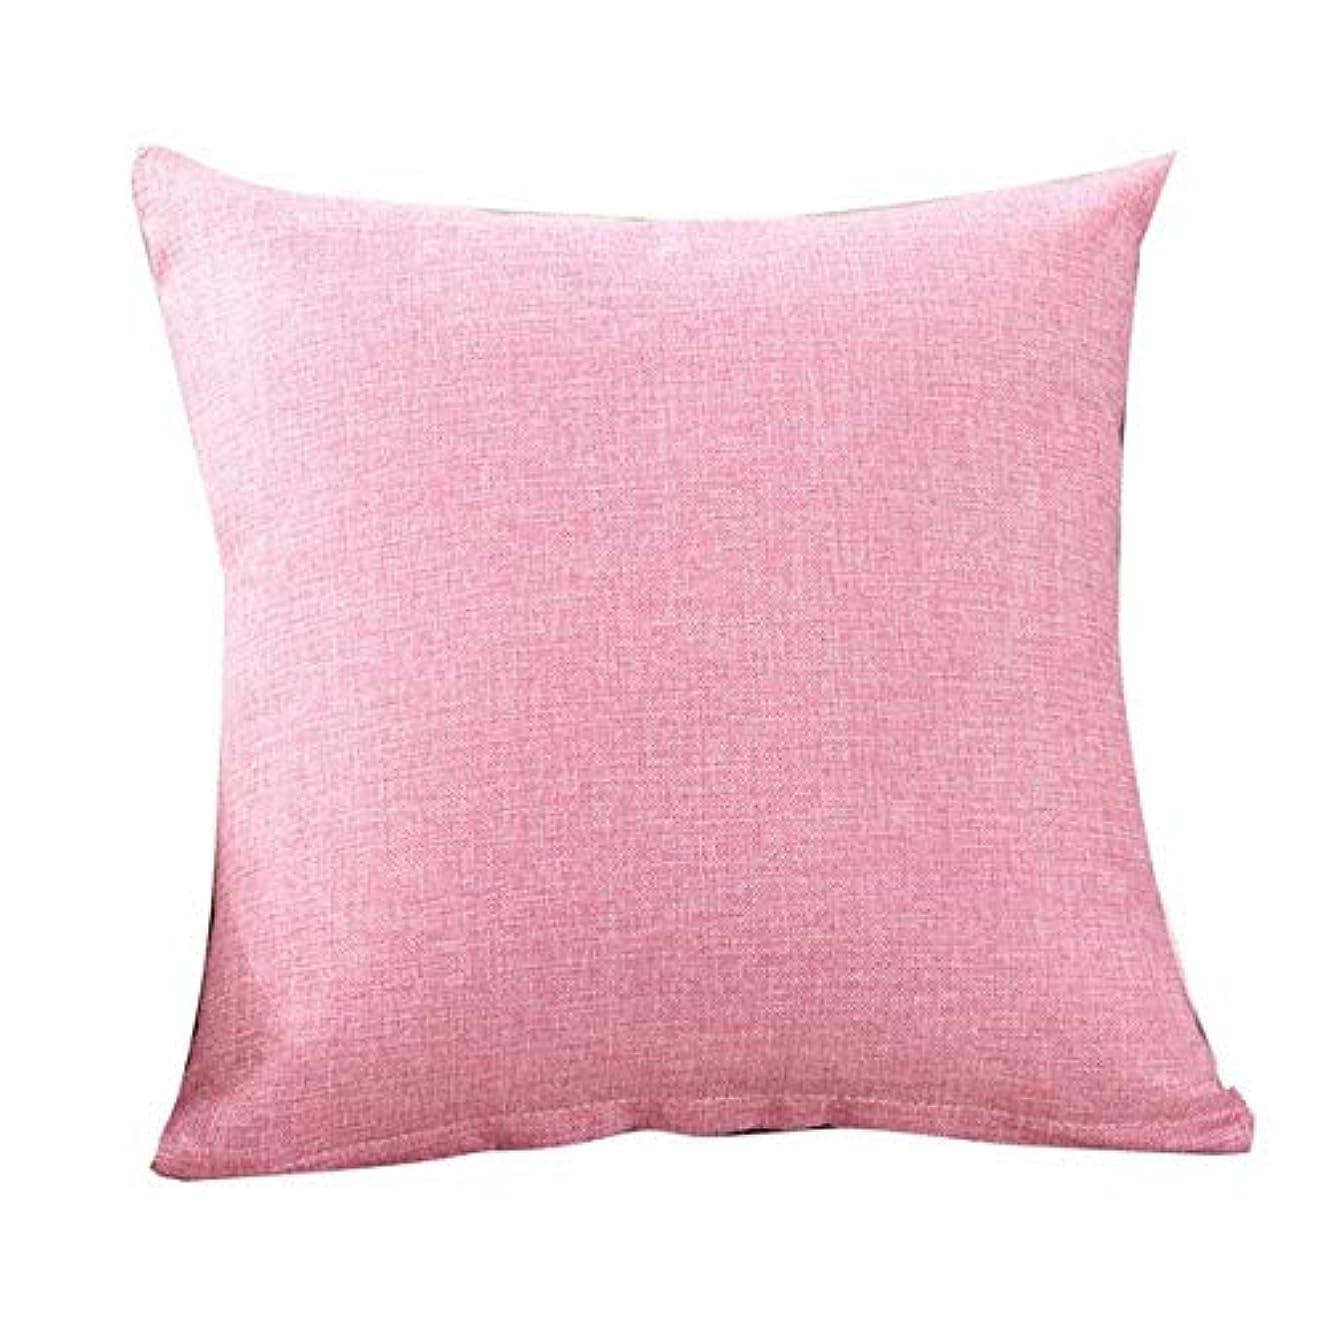 判読できない後現象LIFE クリエイティブシンプルなファッションスロー枕クッションカフェソファクッションのホームインテリア z0403# G20 クッション 椅子